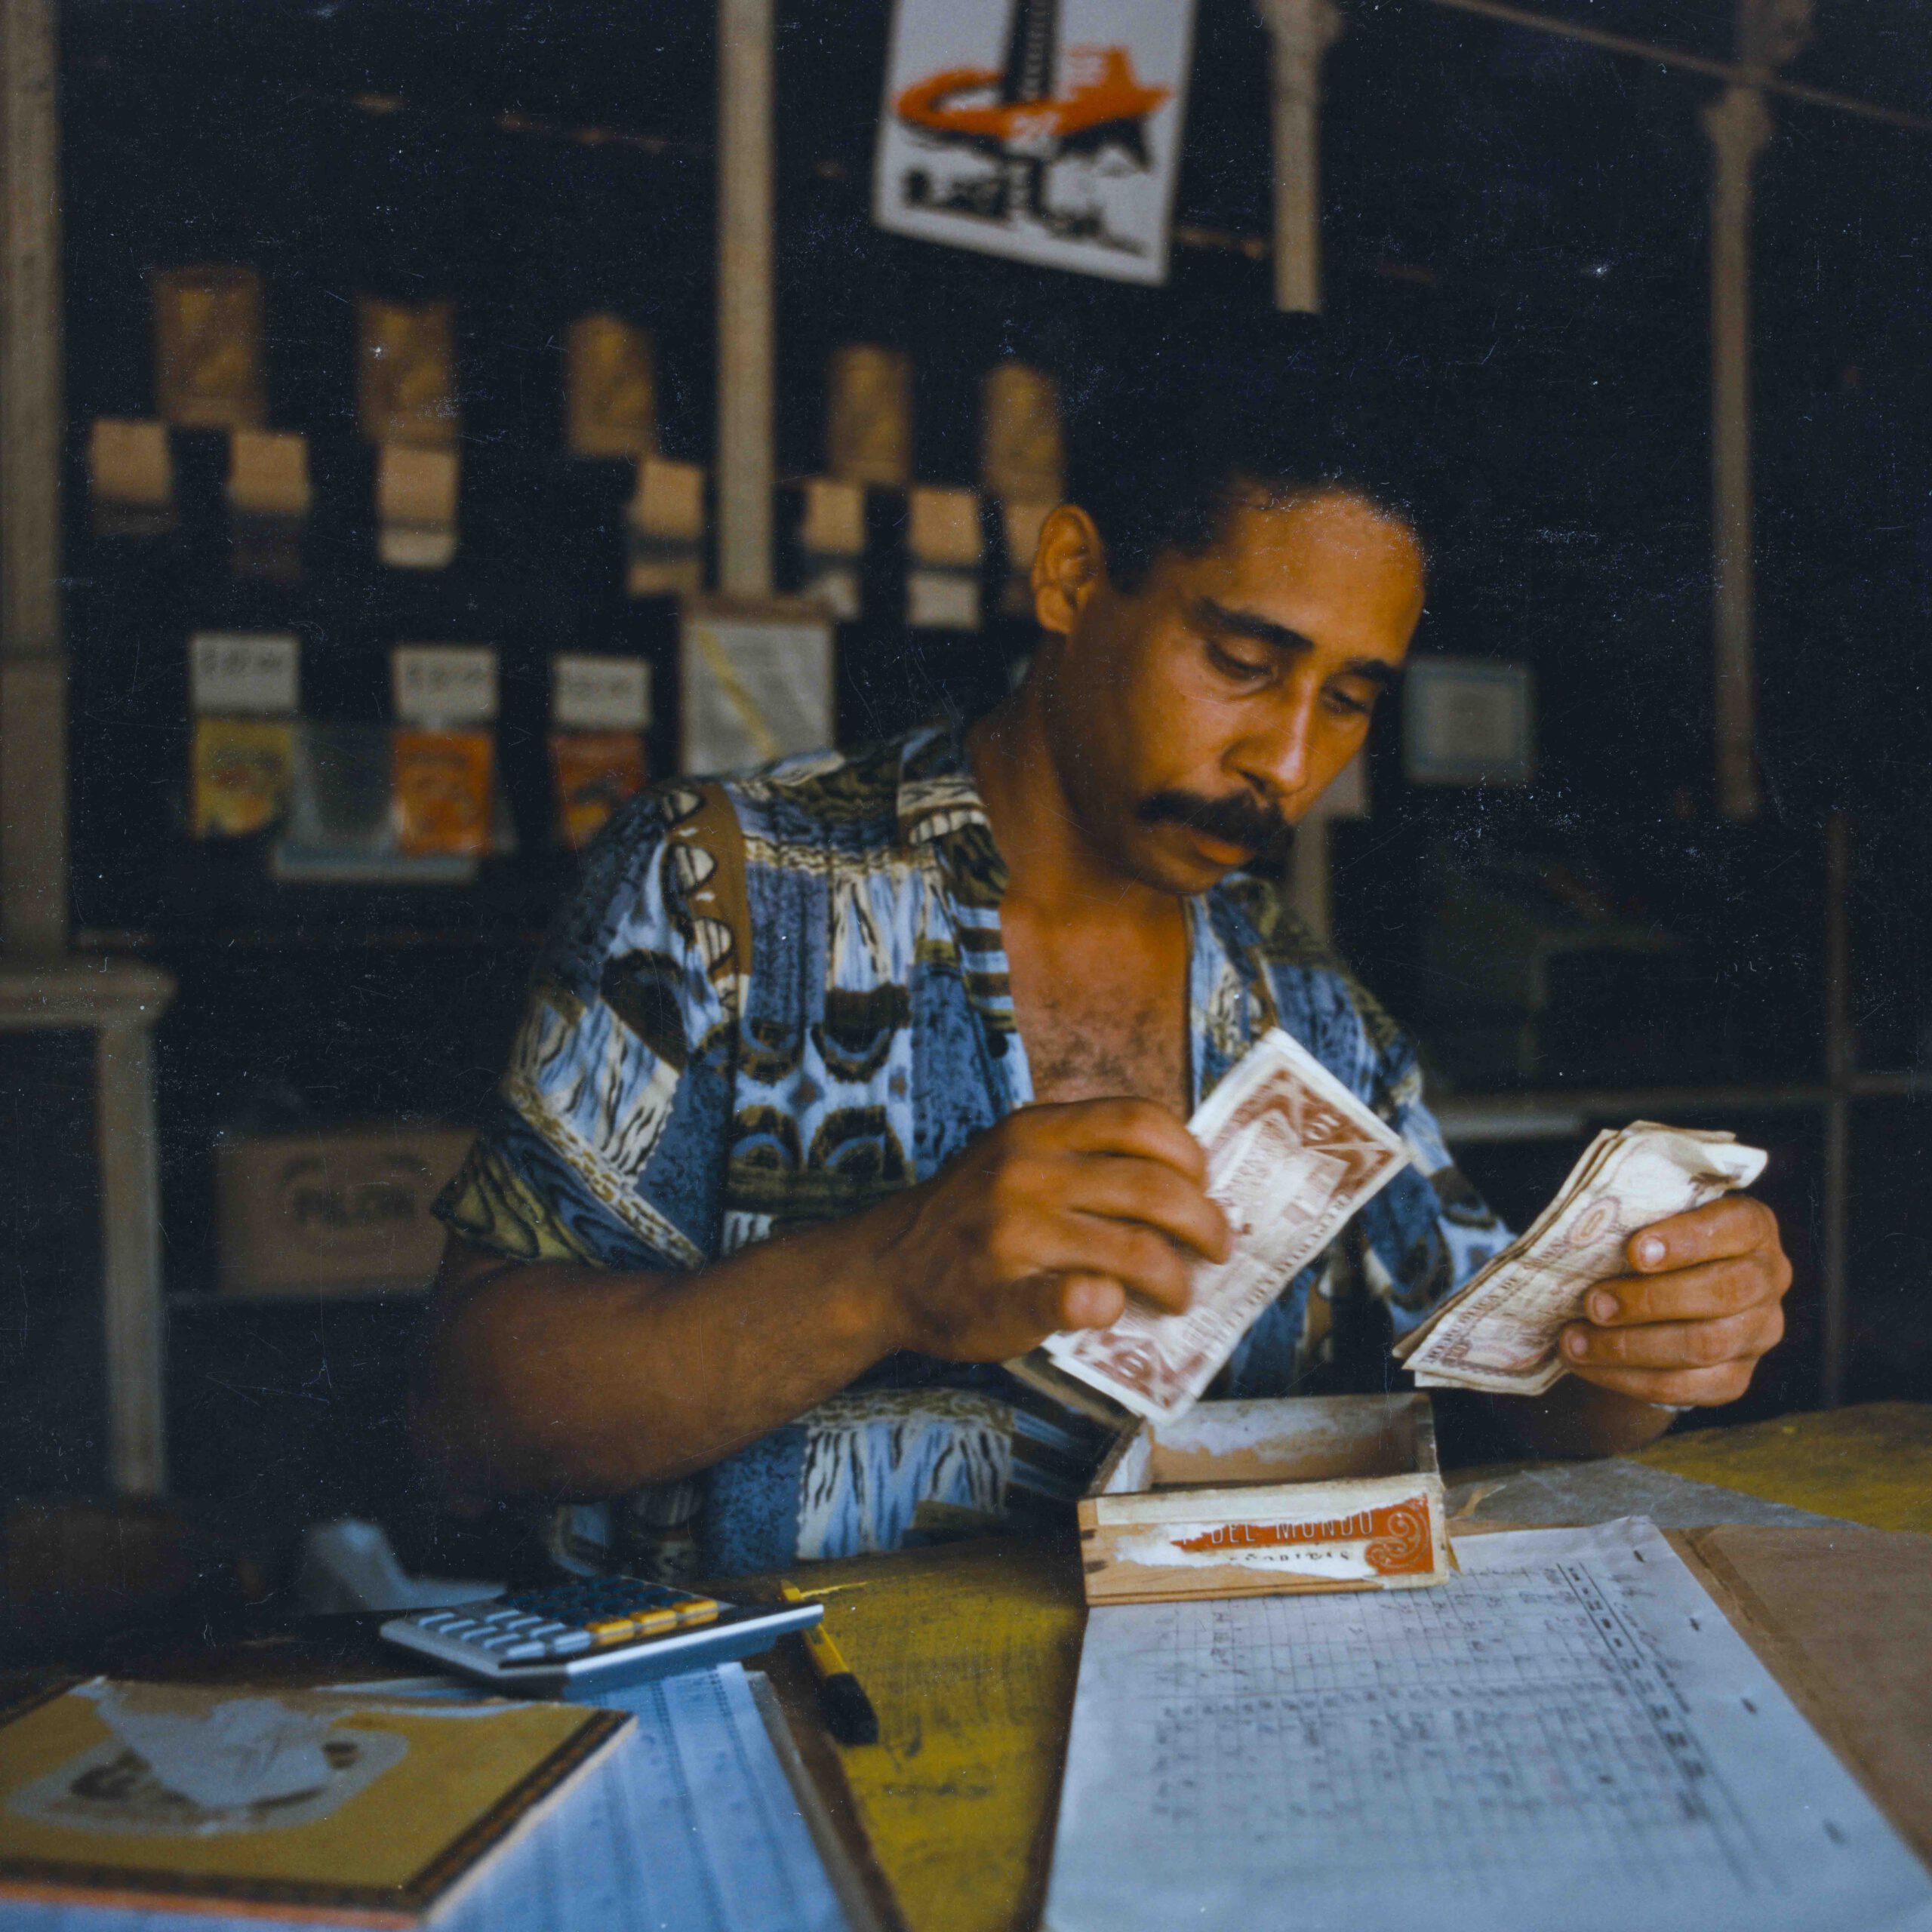 CUBA 1997